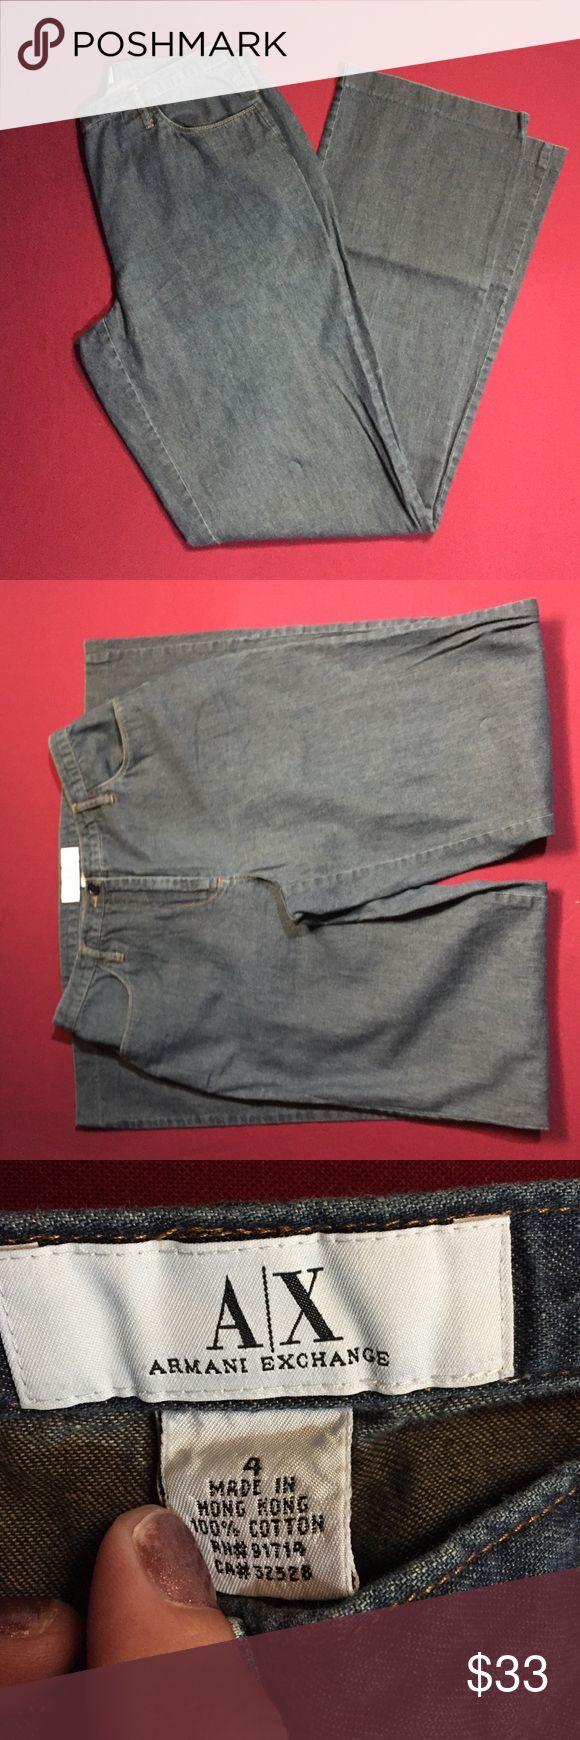 Armani exchange jeans Excellent condition no signs of wear A/X Armani Exchange Jeans Boot Cut